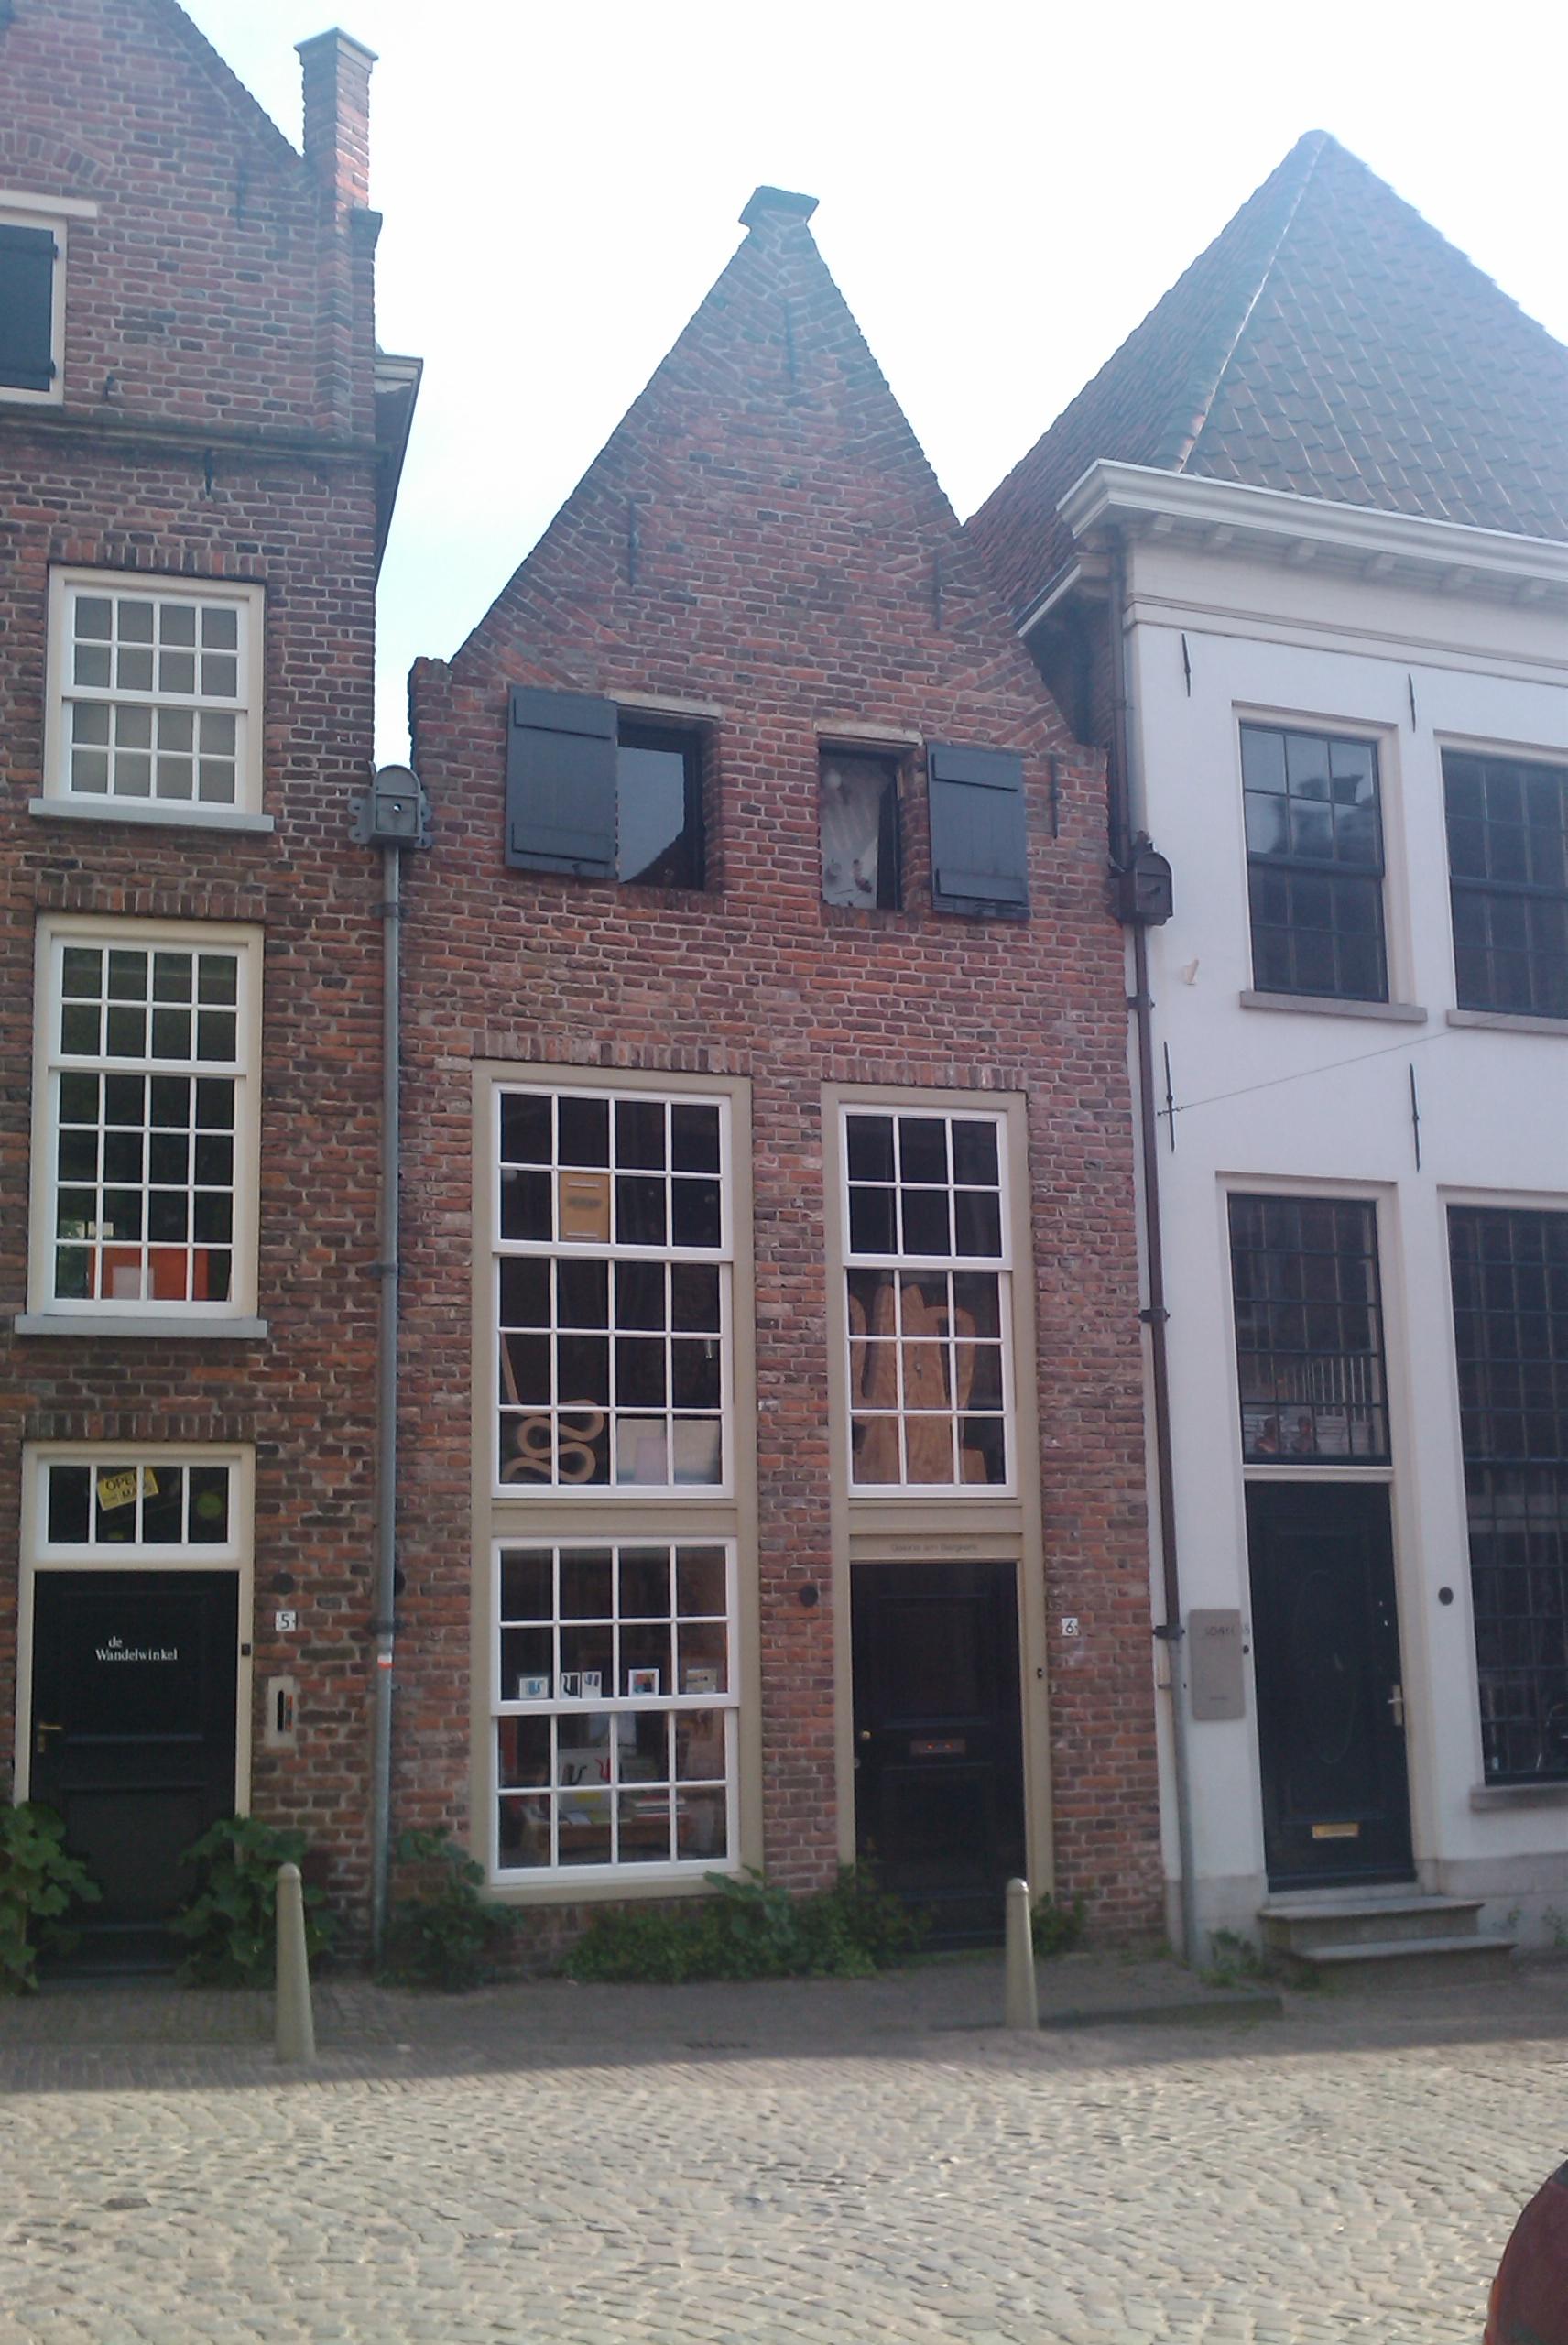 Huis met gepleisterde tuitgevel moderne werkplaatsdeur in deventer monument for Moderne huis foto